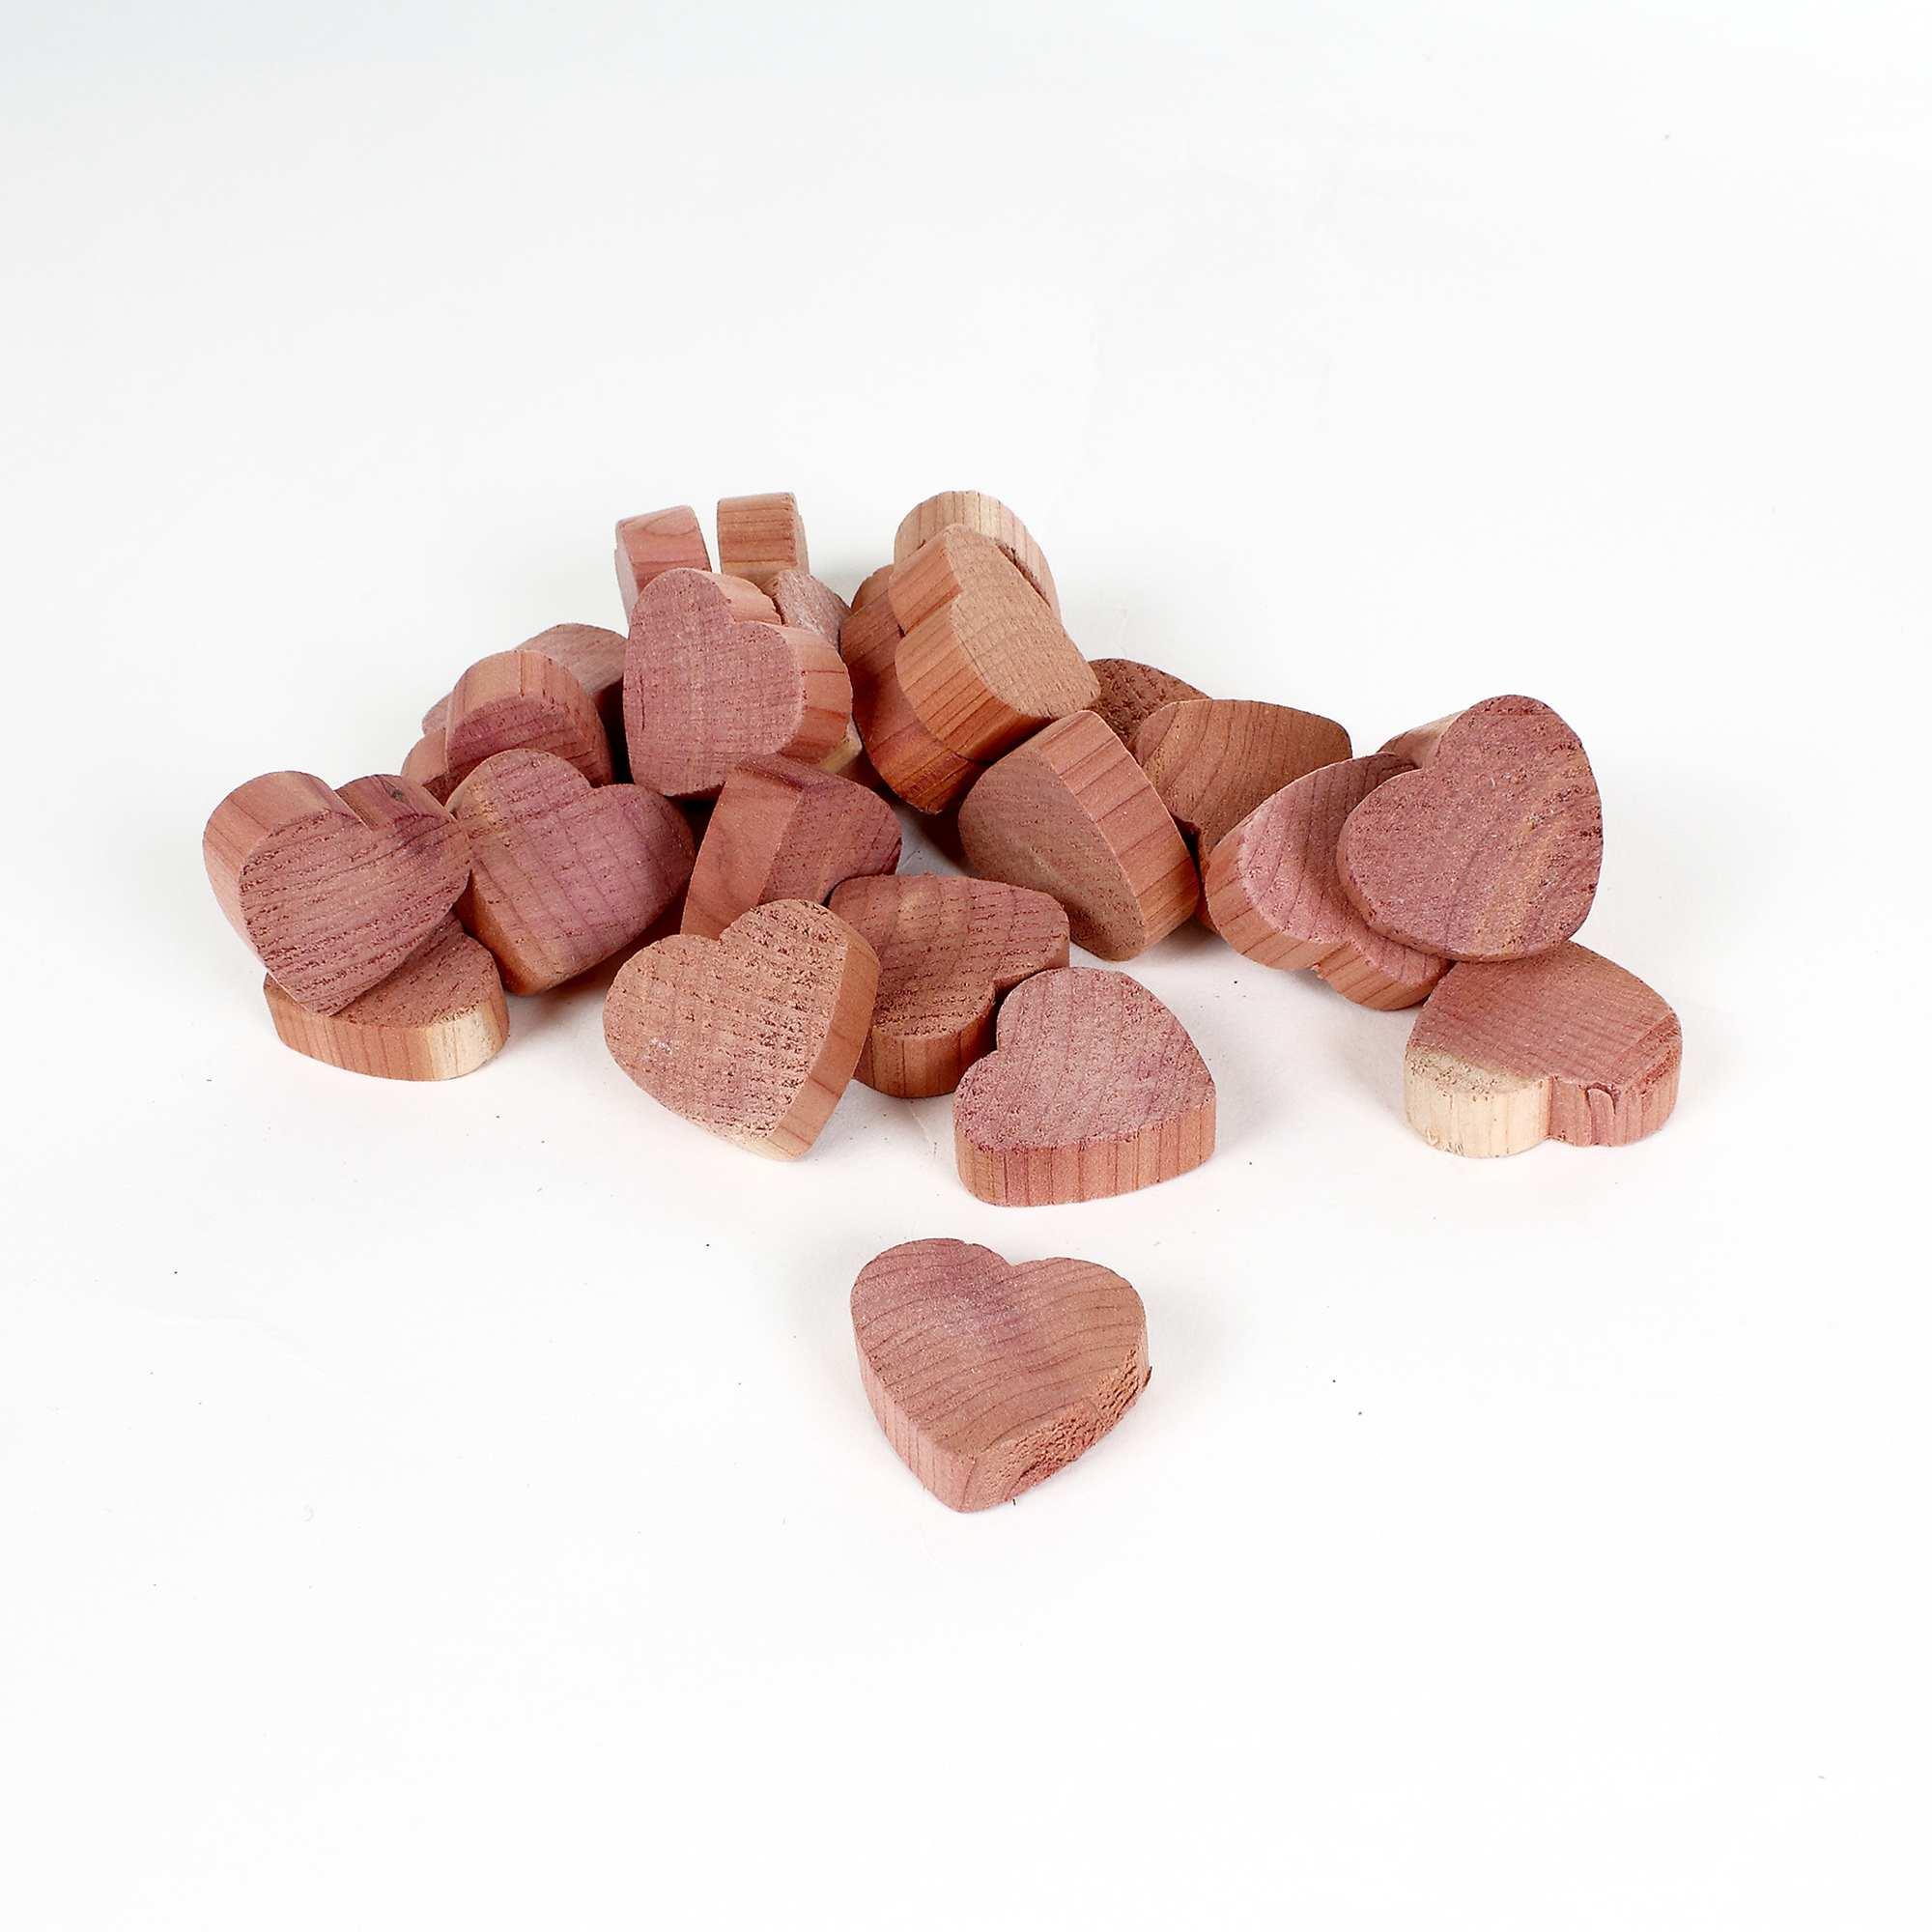 Galets'coeurs' en bois de c u00e8dre anti mites Linge de lit rose Kiabi 5,00 u20ac # Traitement Mites Bois